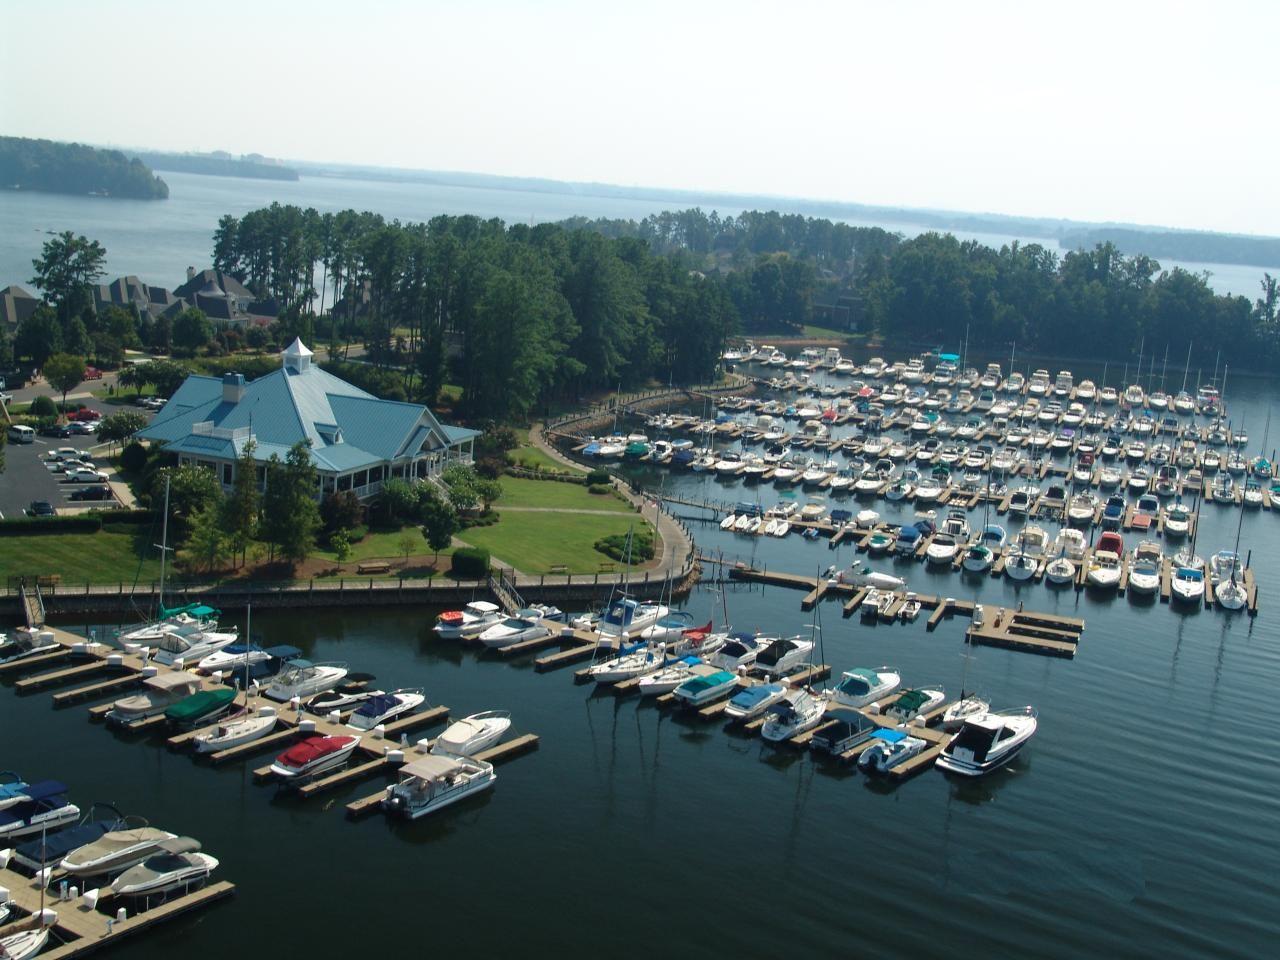 Peninsula YC, Lake Norman, N. Carolina